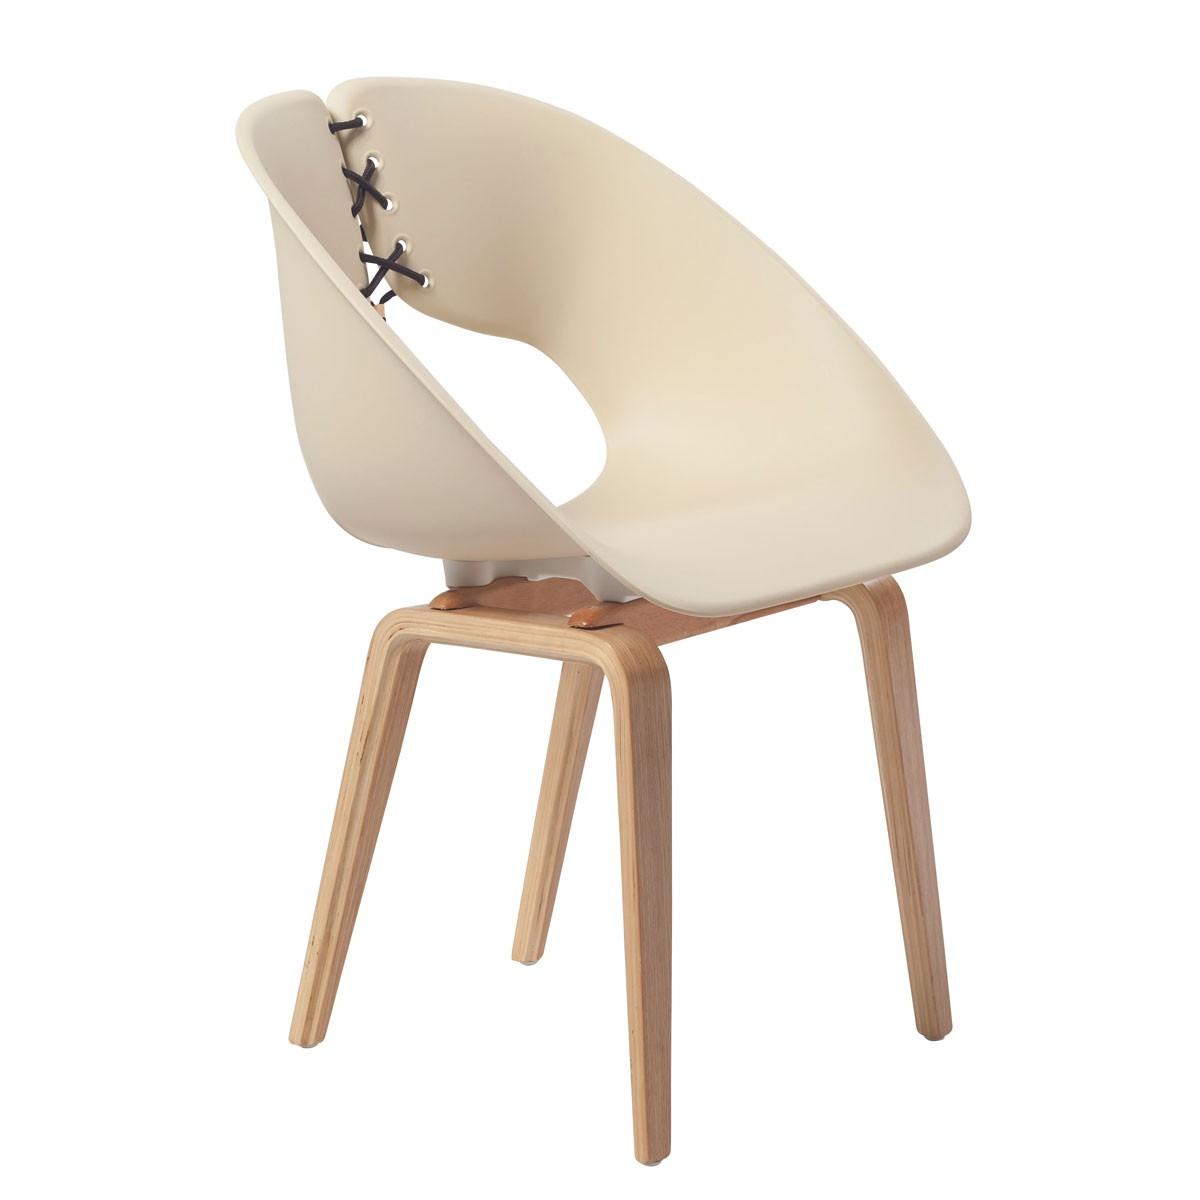 Chaise Plastique en Beige avec 4 Pieds Bois - (YMG-9303B-1)